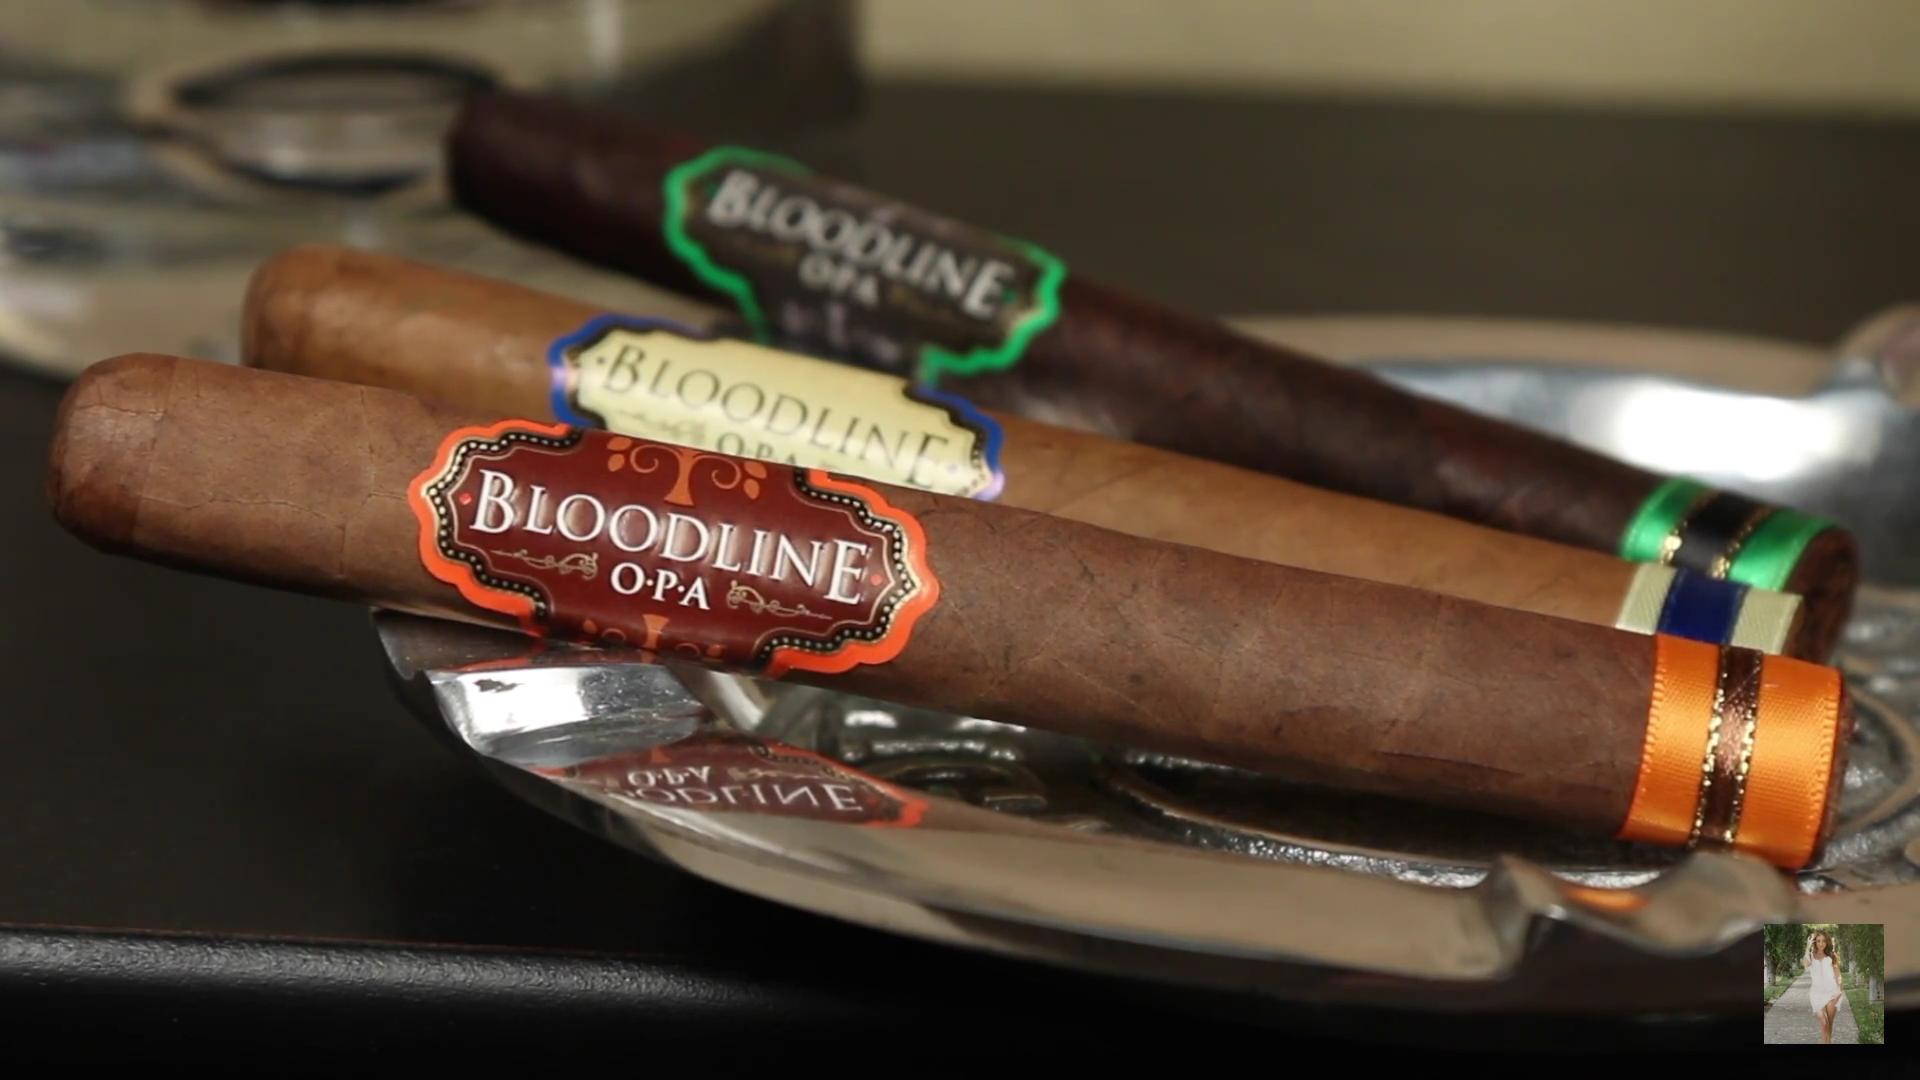 bloodline cigars.png